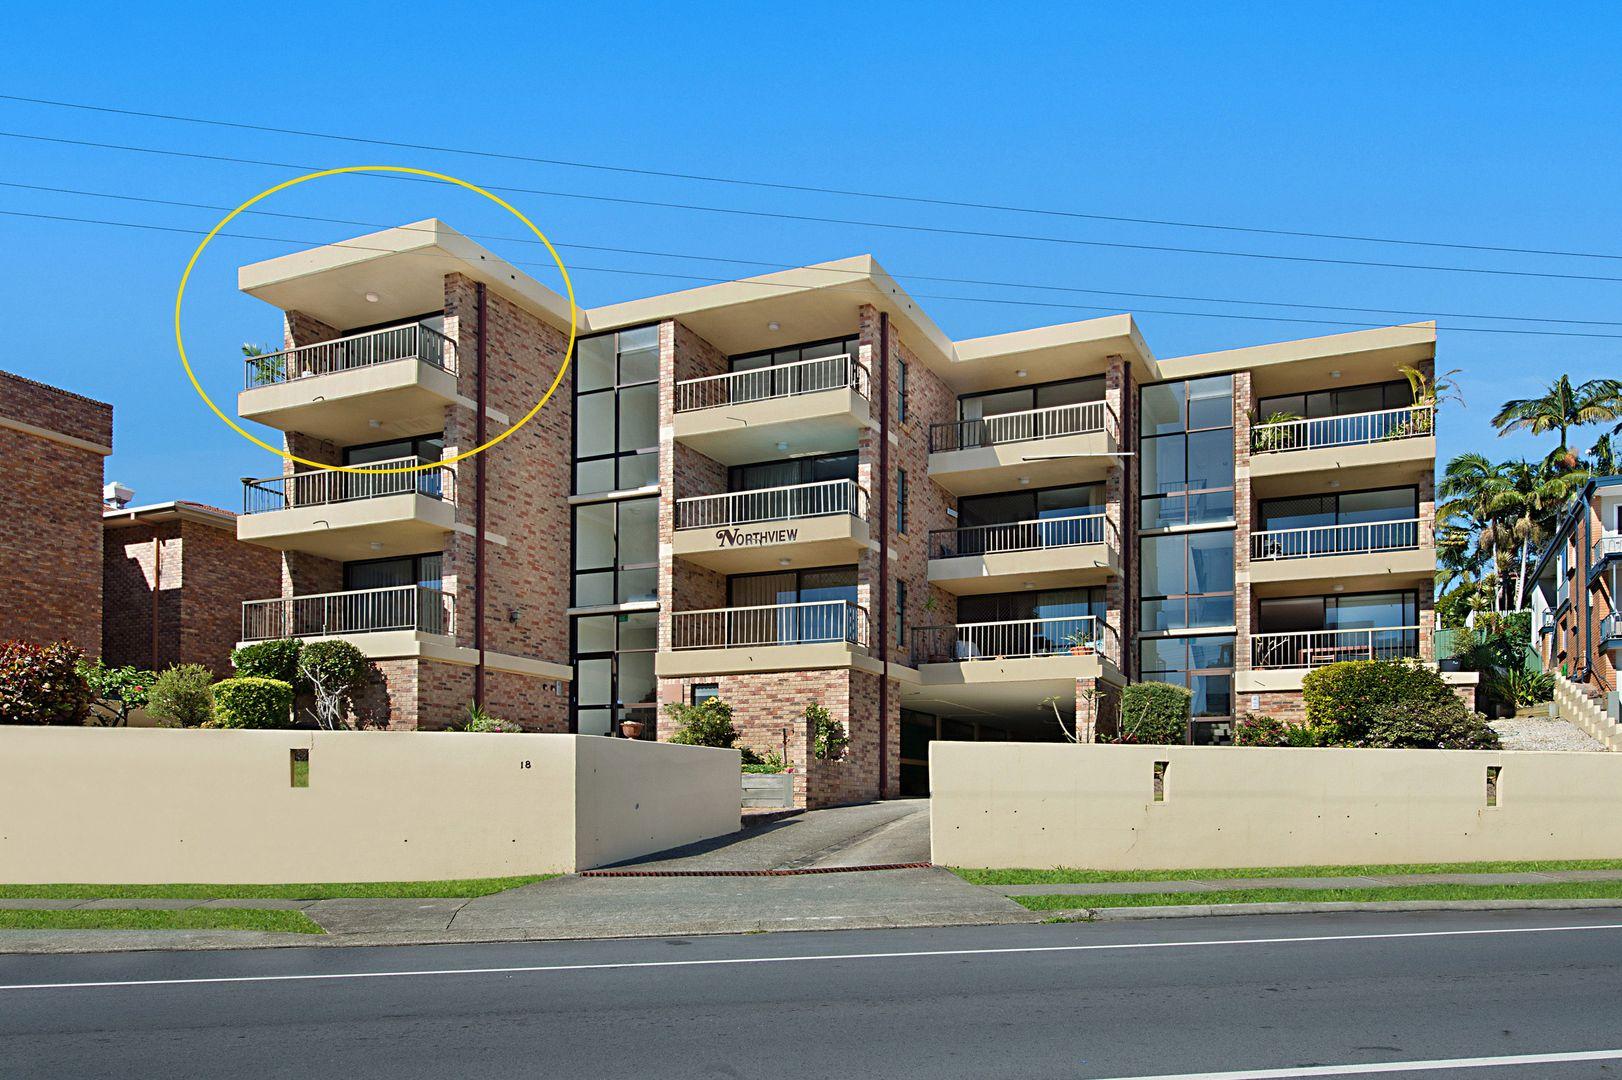 9 18 Lanham Street, Coolangatta QLD 4225, Image 1